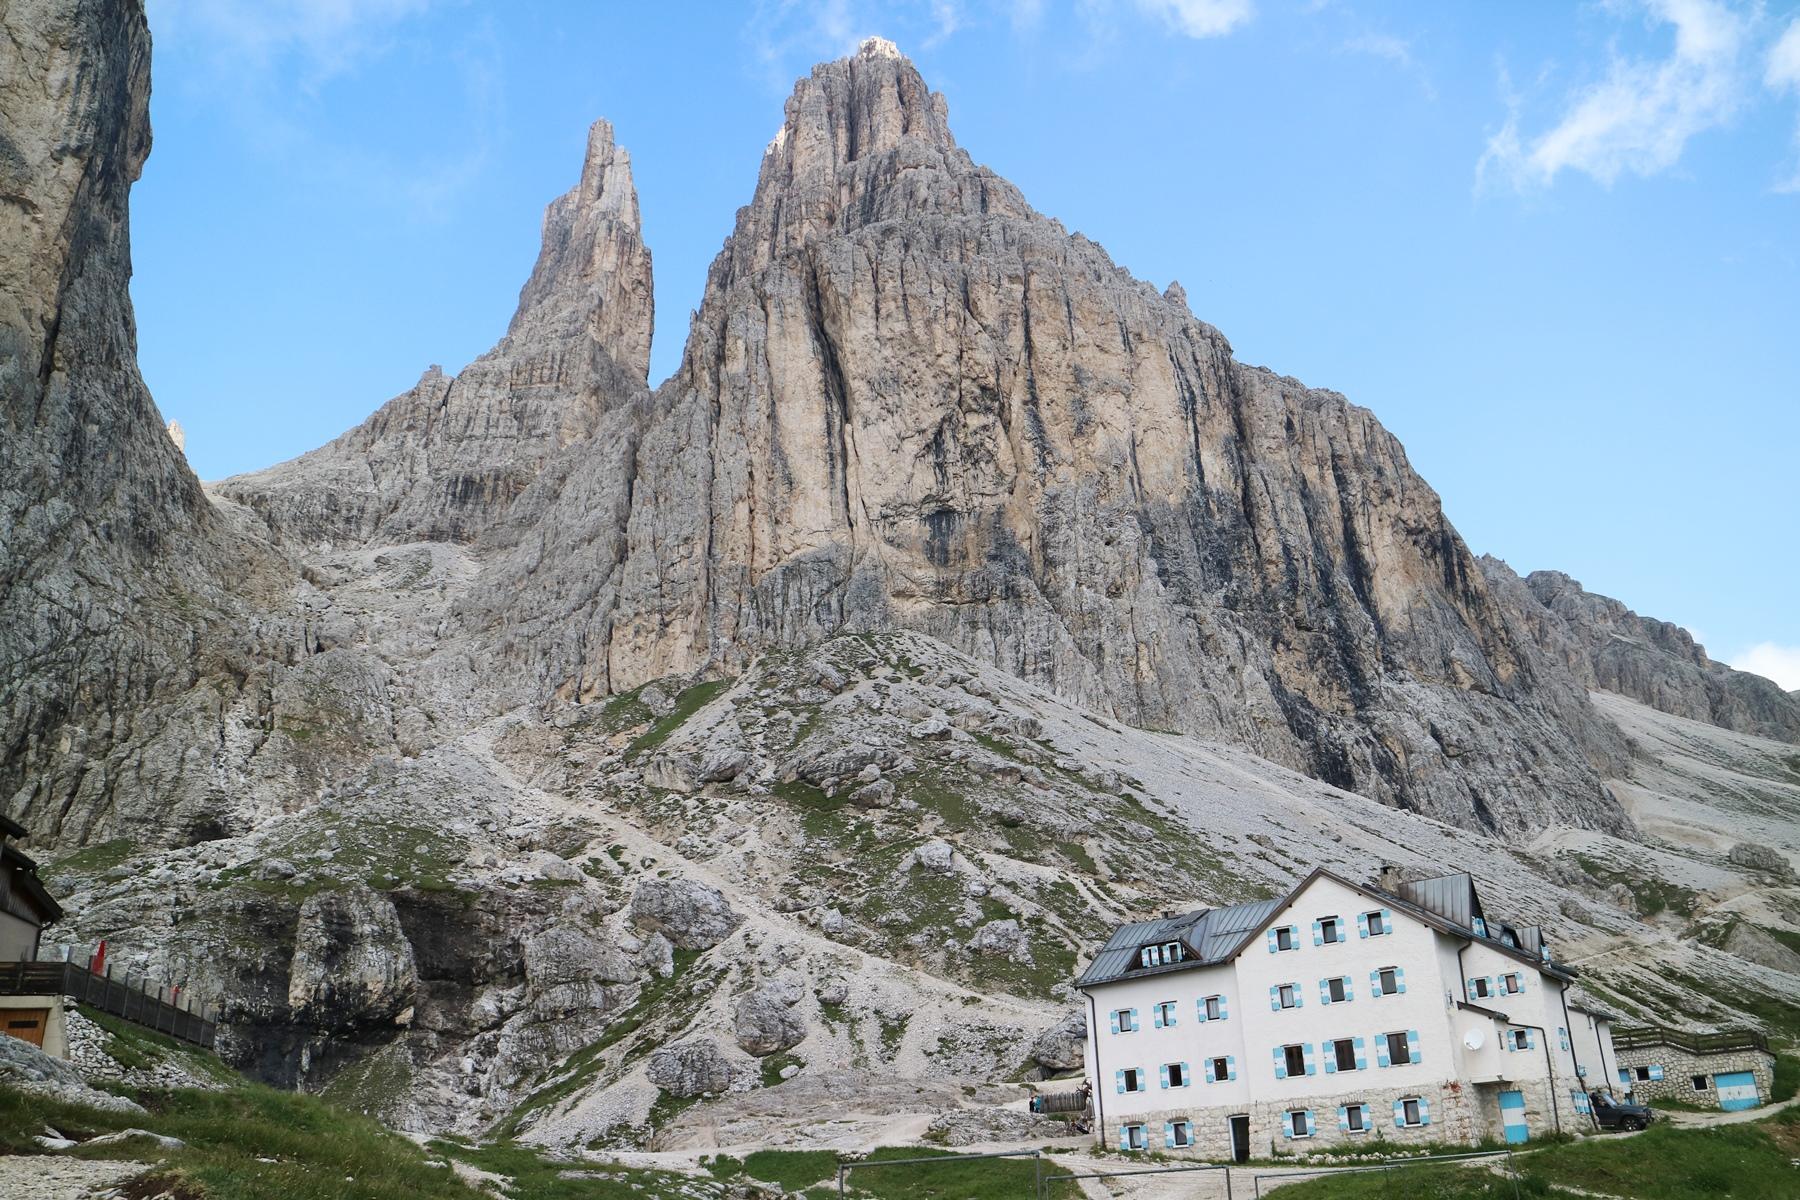 まさに岩峰の麓に立つヴァヨレット小屋